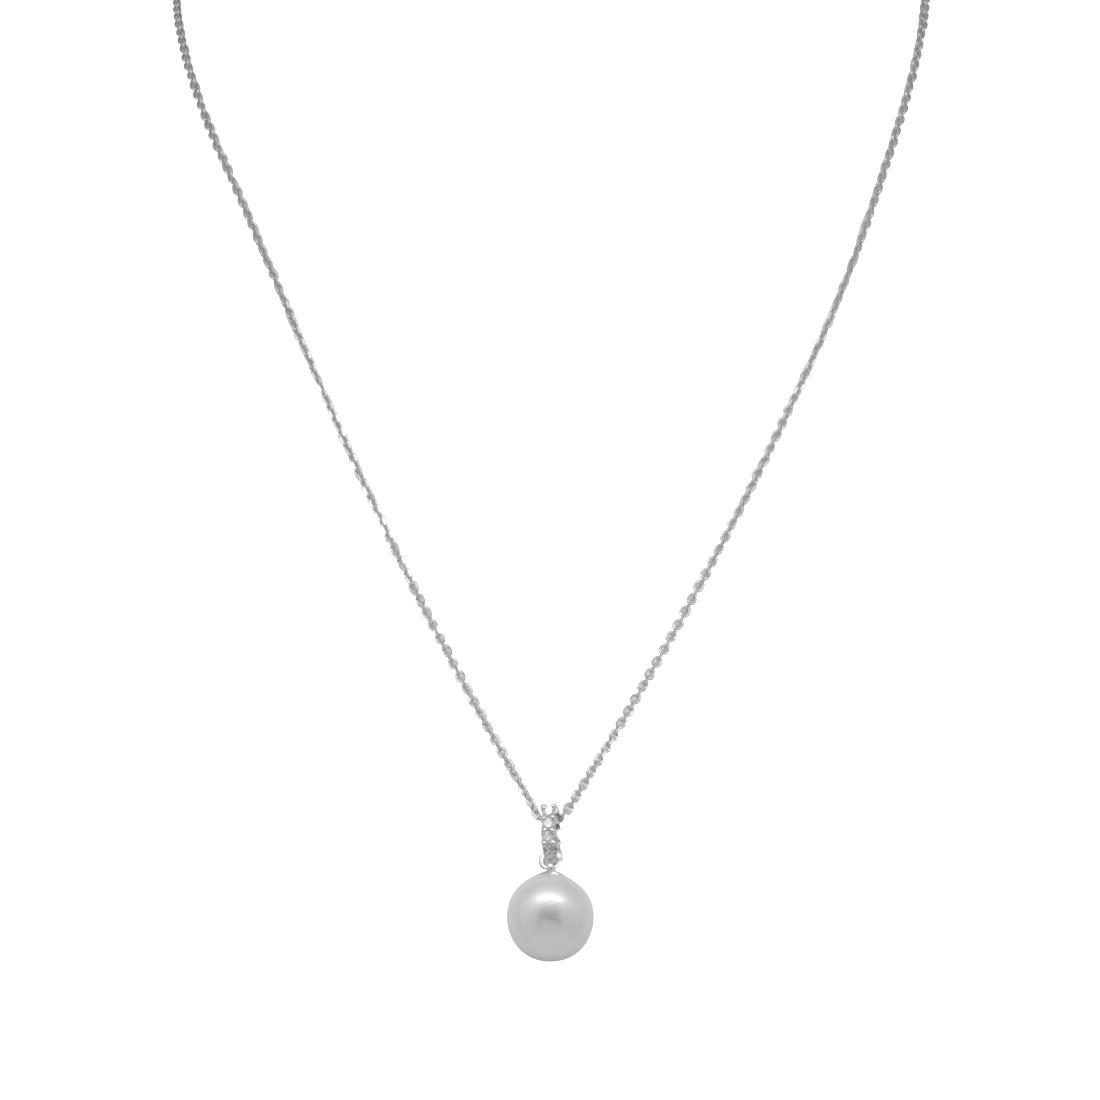 Collier in oro bianco con perla e diamanti  - BLISS